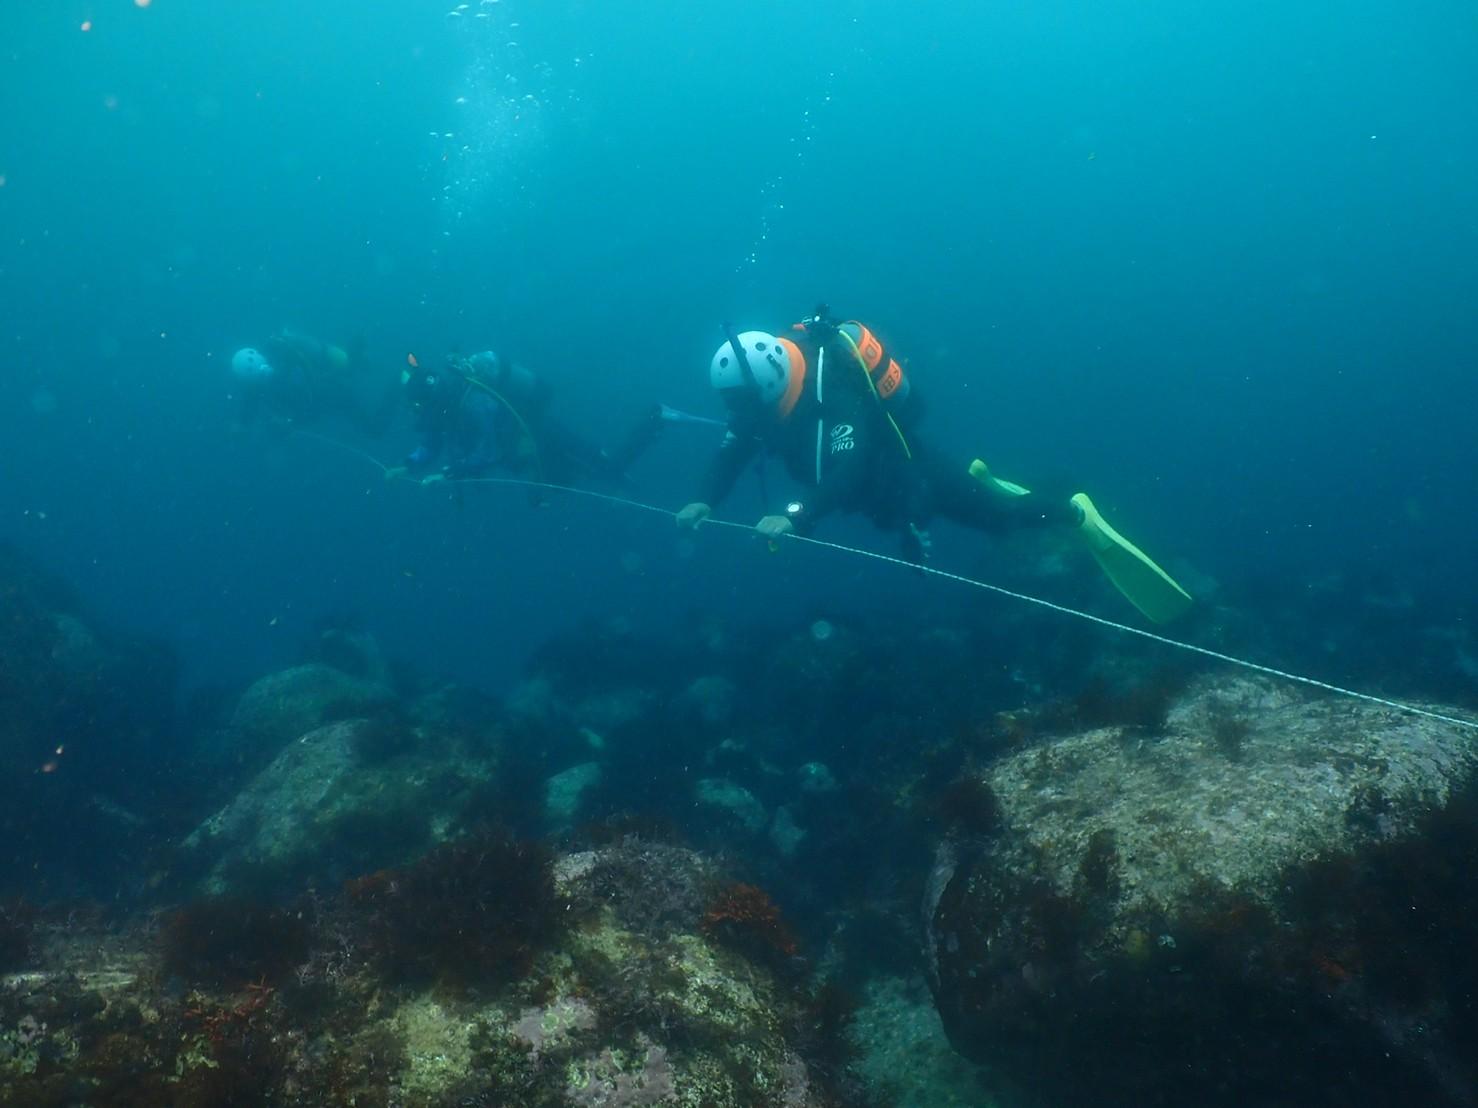 潜水捜索訓練とダイビング事故発生時の対処訓練を開催しました